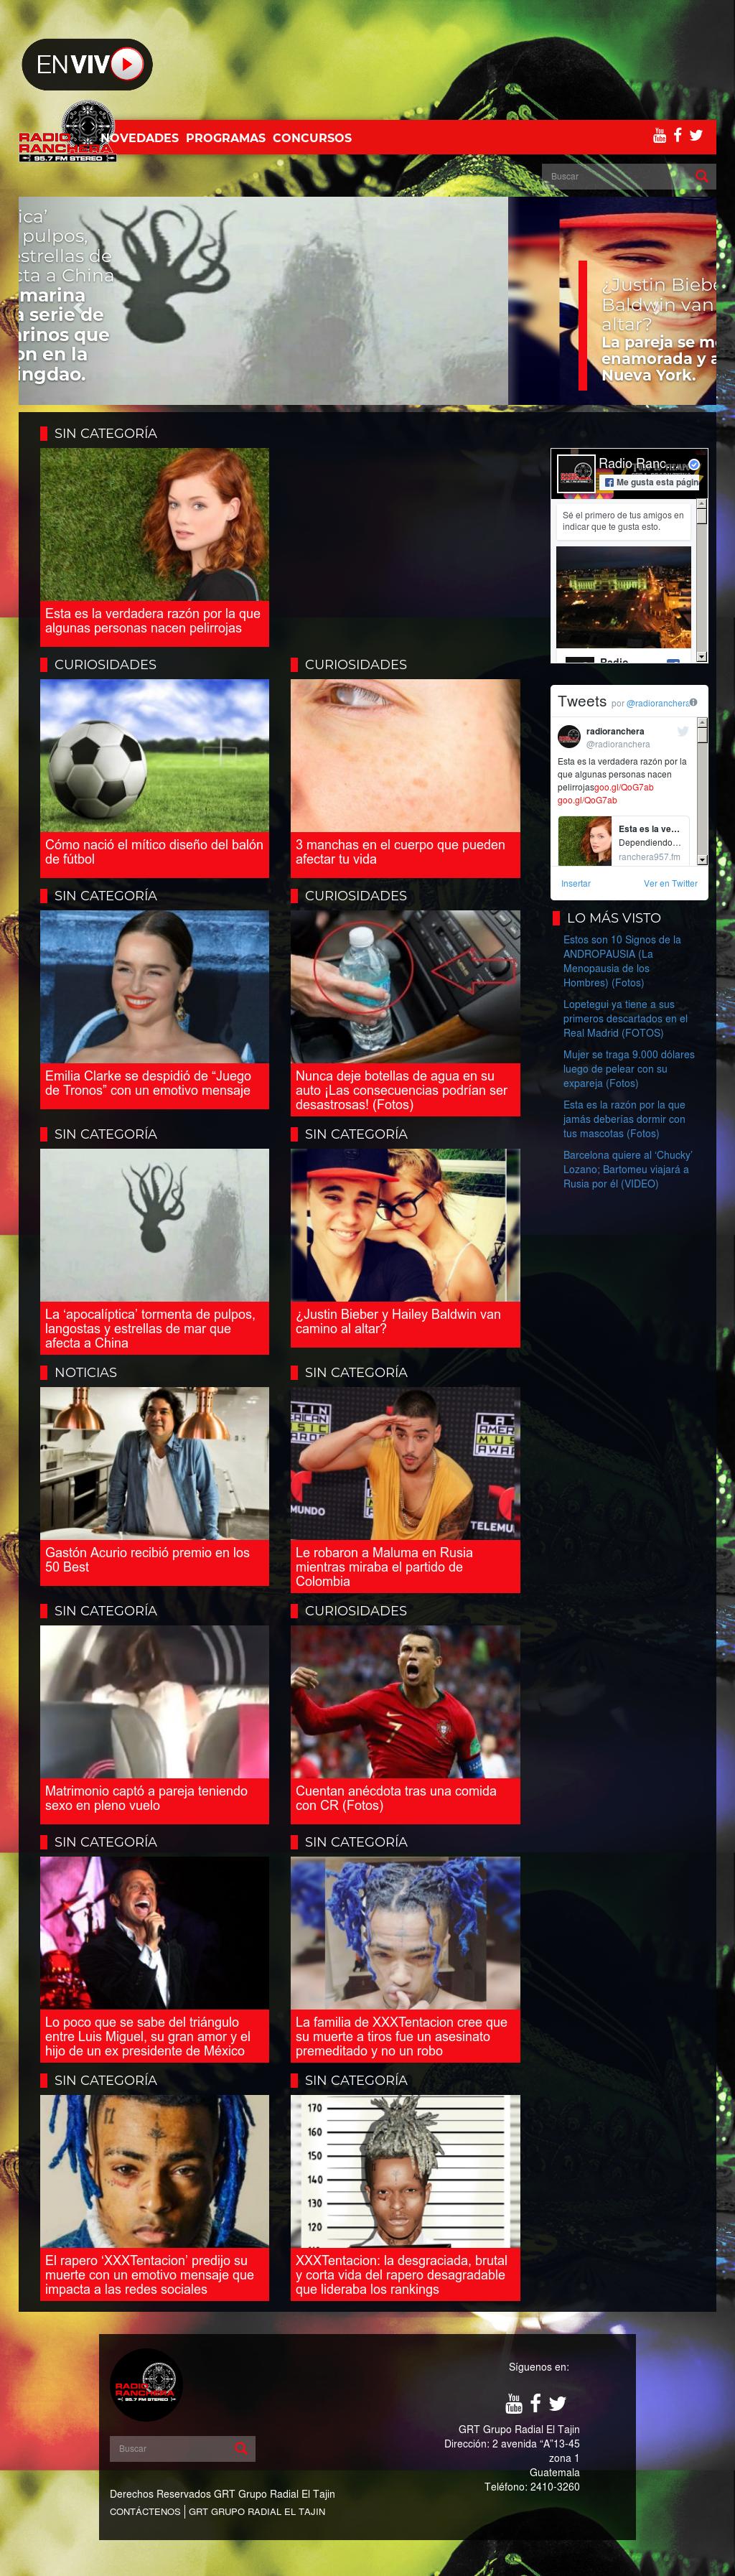 Radio ranchera de guatemala online dating